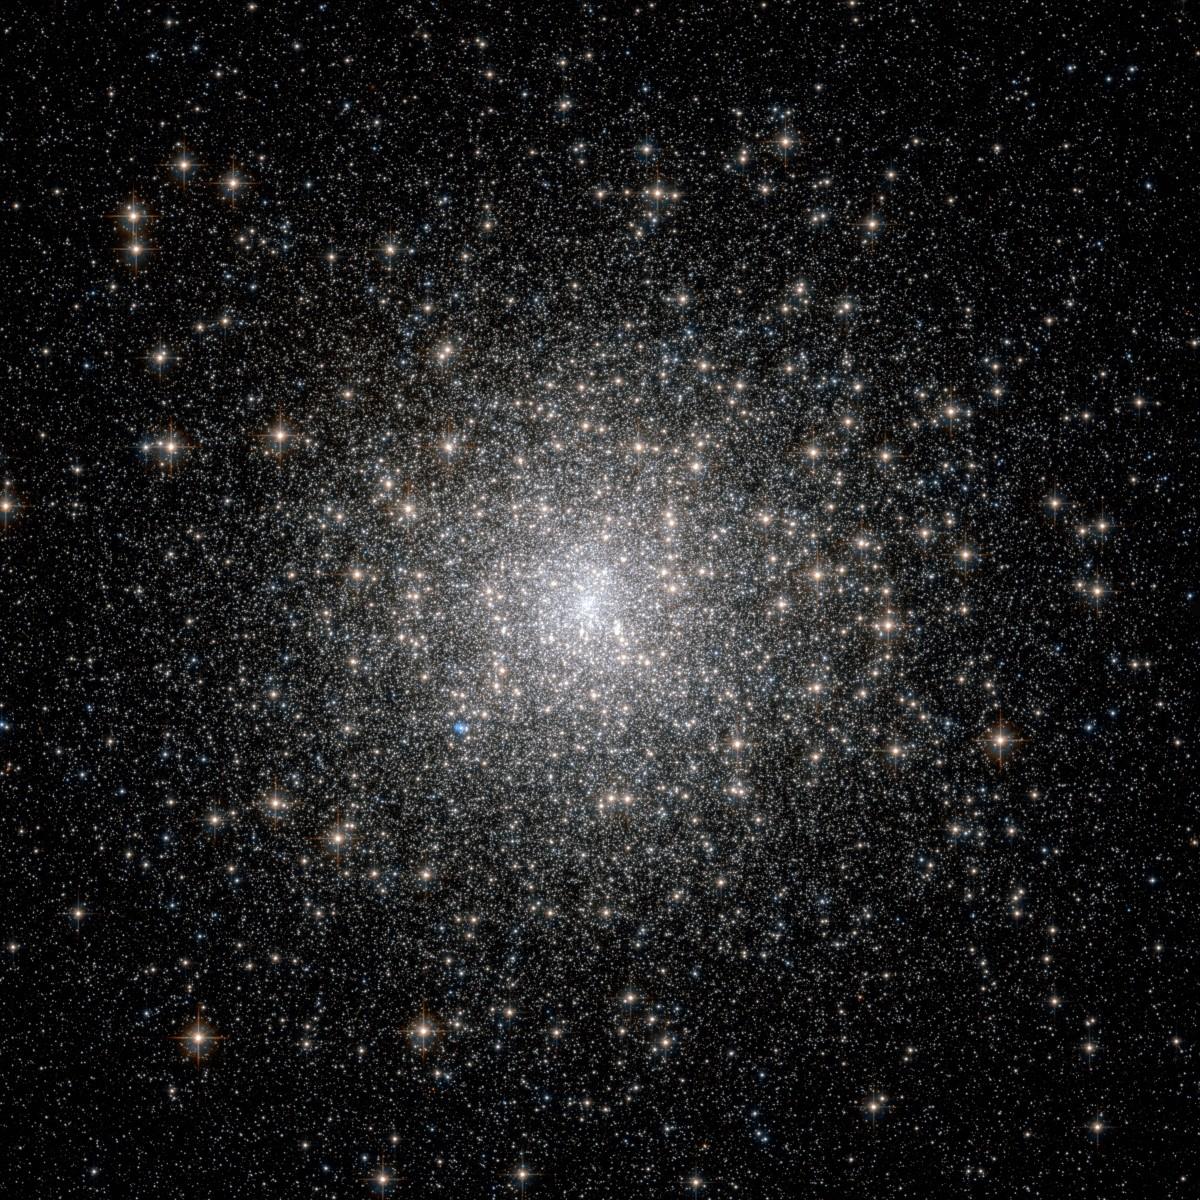 nebula galaxy astronomy - photo #36